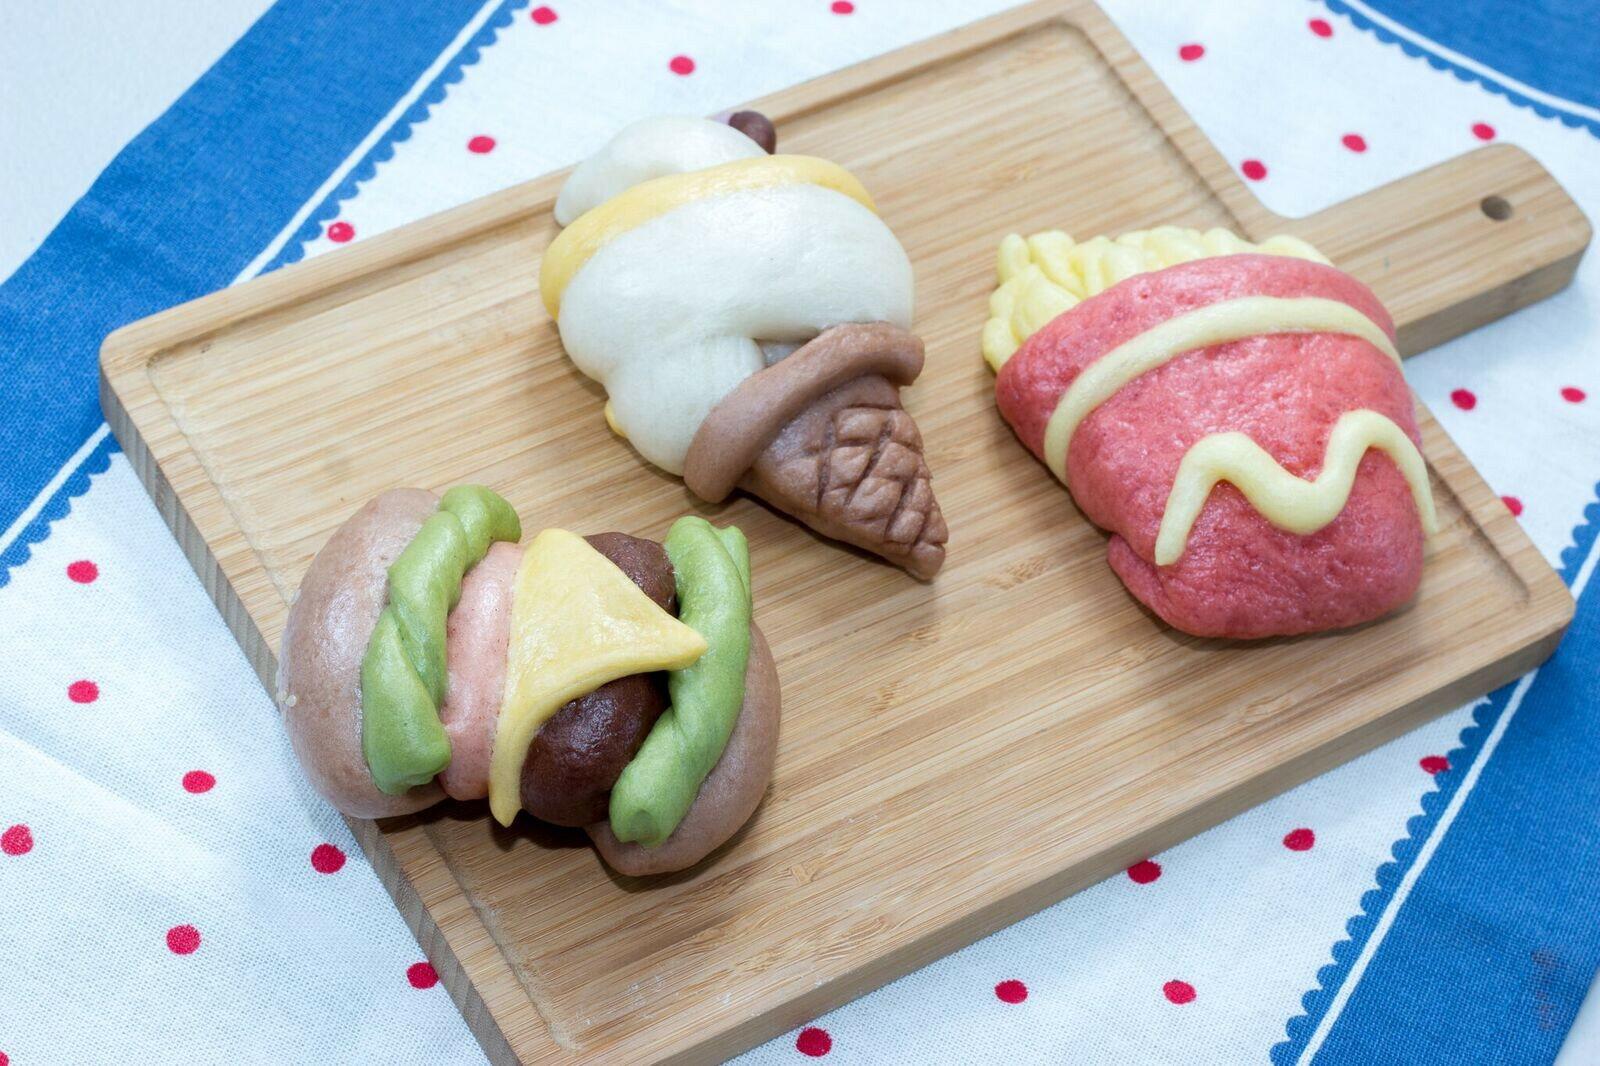 純手工超可愛套餐造型饅頭(三種樣式各一入)